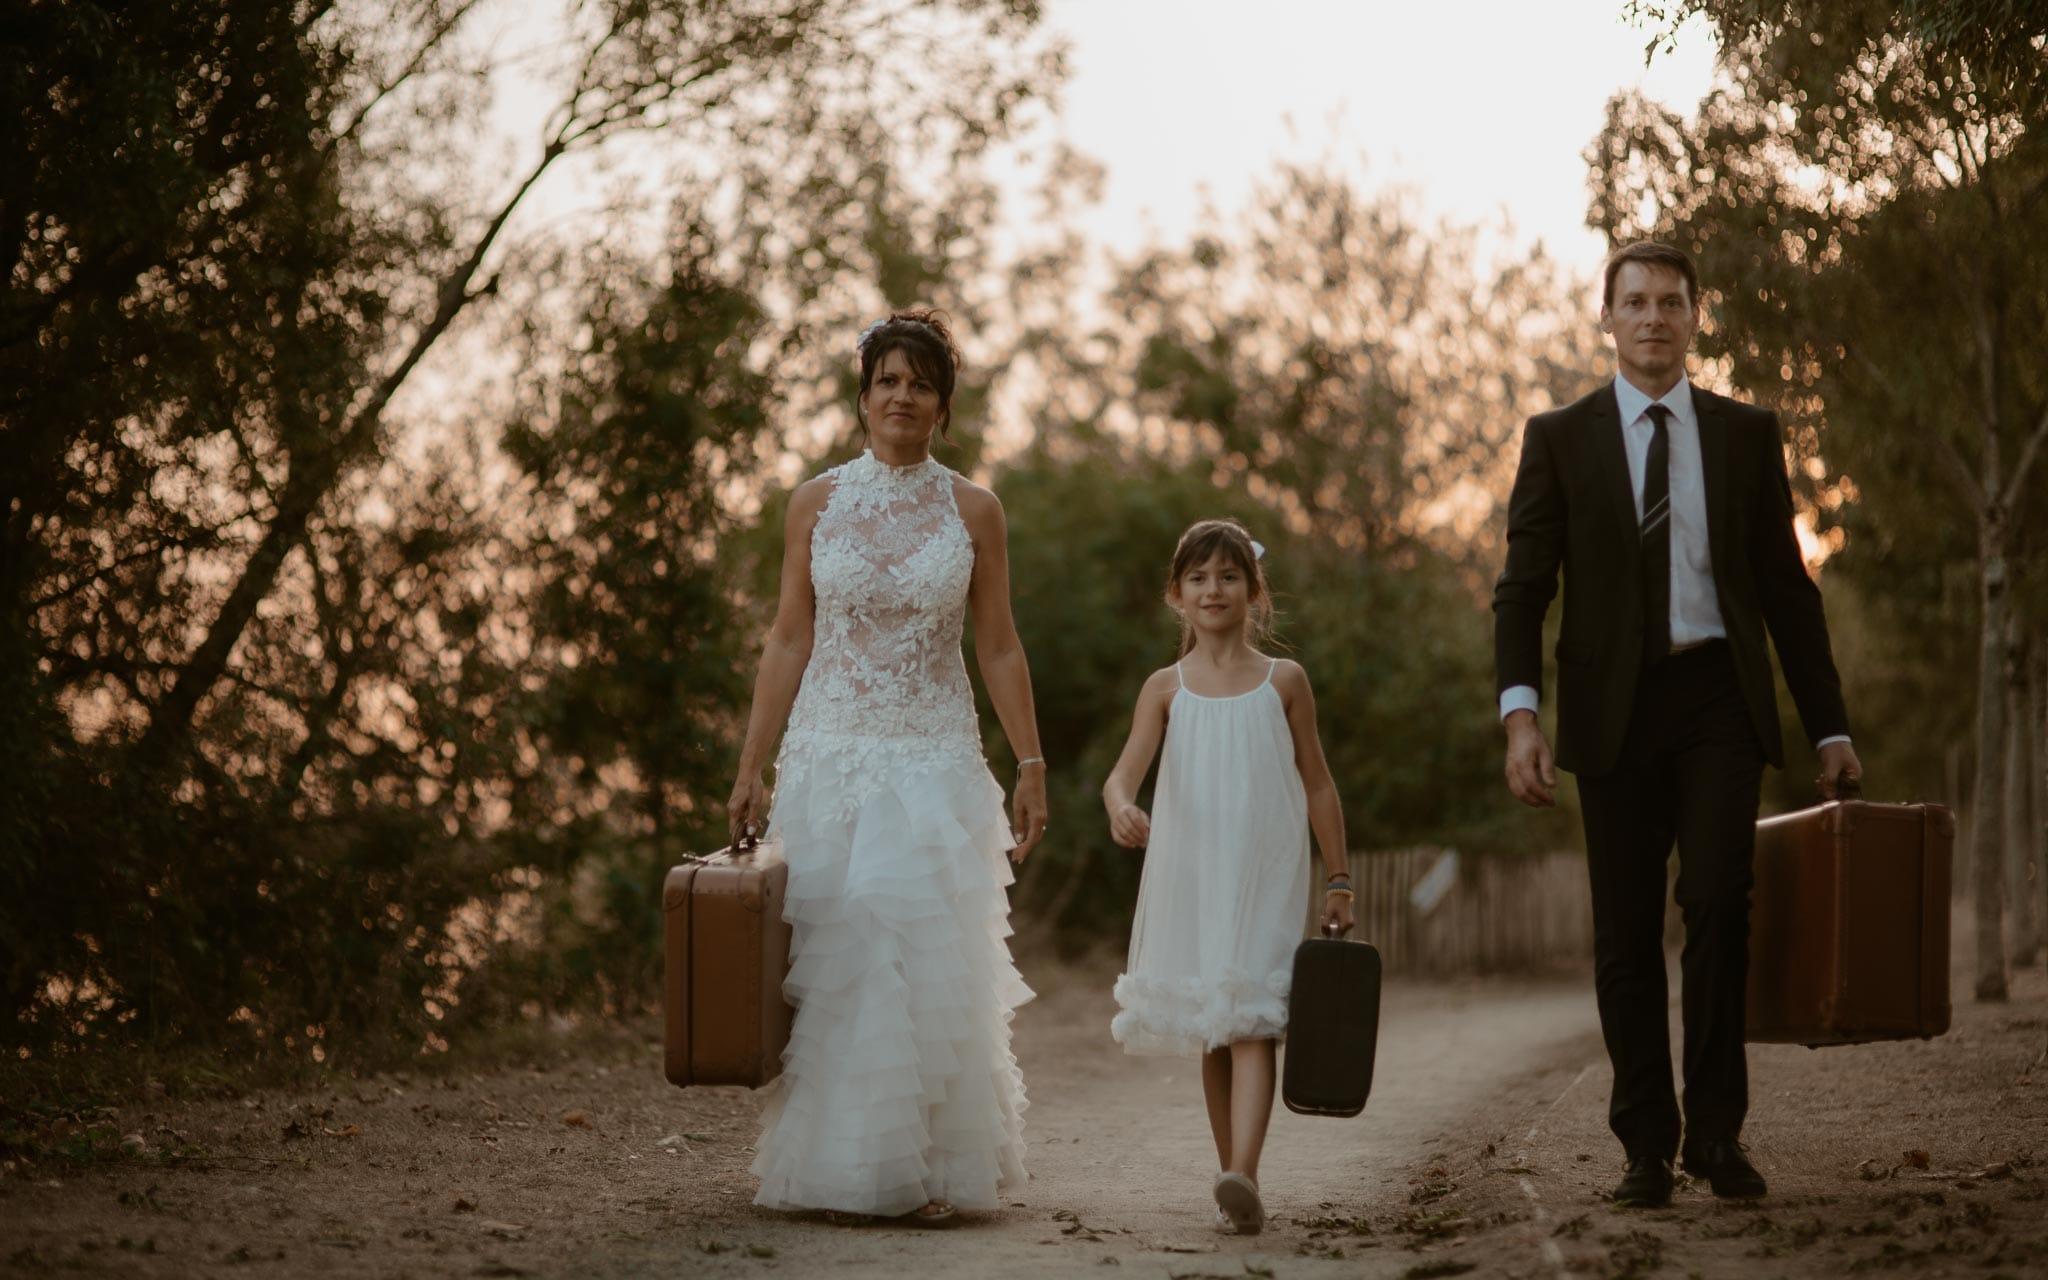 Séance famille après mariage mise en scène en bord de loire aux alentours de Nantes par Geoffrey Arnoldy photographe